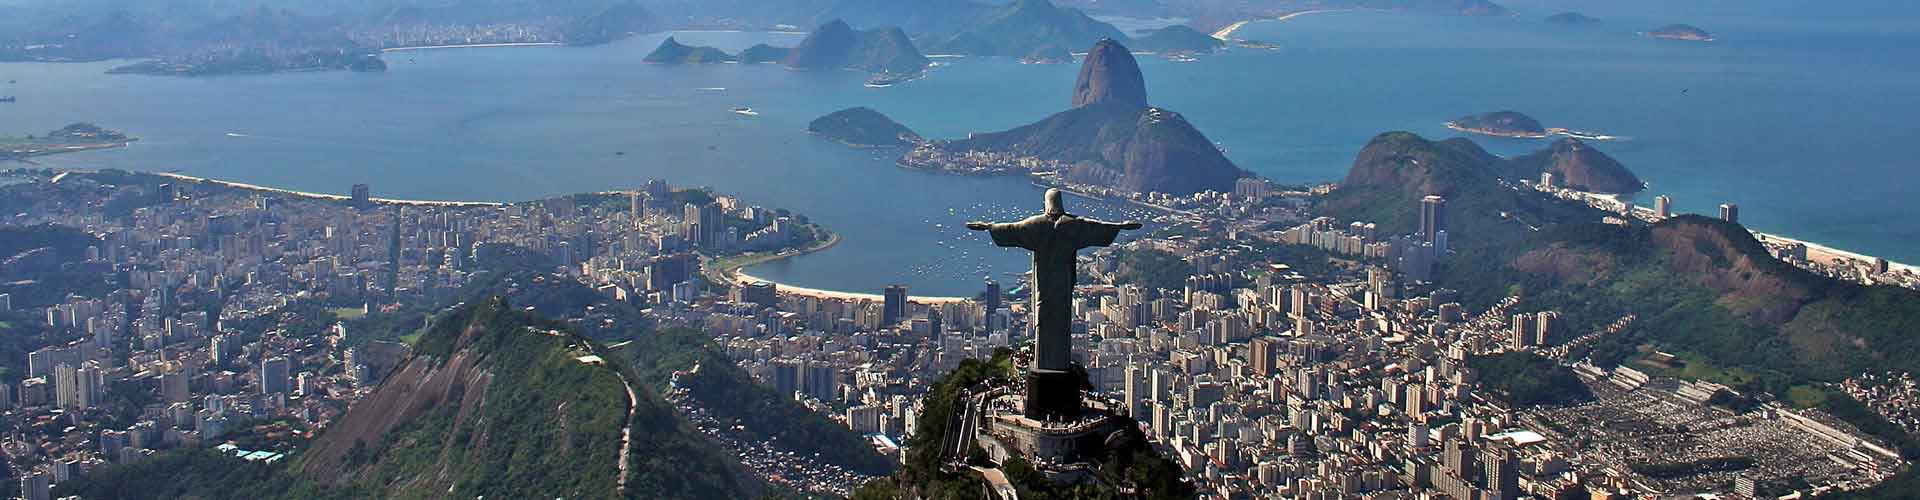 Río de Janeiro - Hostales en Río de Janeiro. Mapas de Río de Janeiro, Fotos y comentarios de cada Hostal en Río de Janeiro.